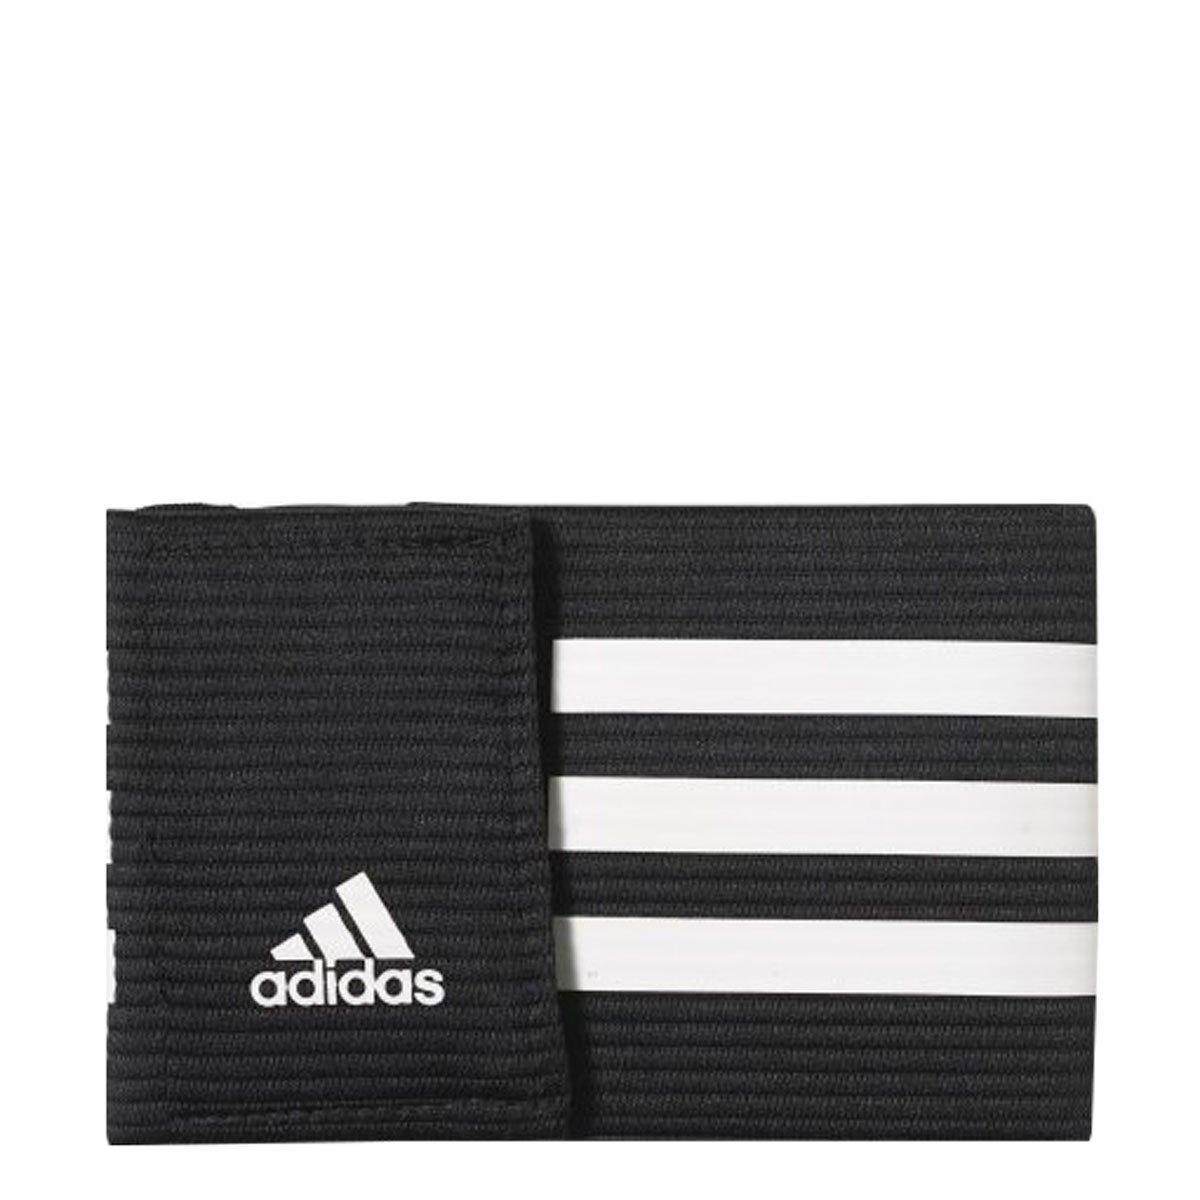 96addb274df6f Bizz Store - Faixa De Capitão Adidas Futebol